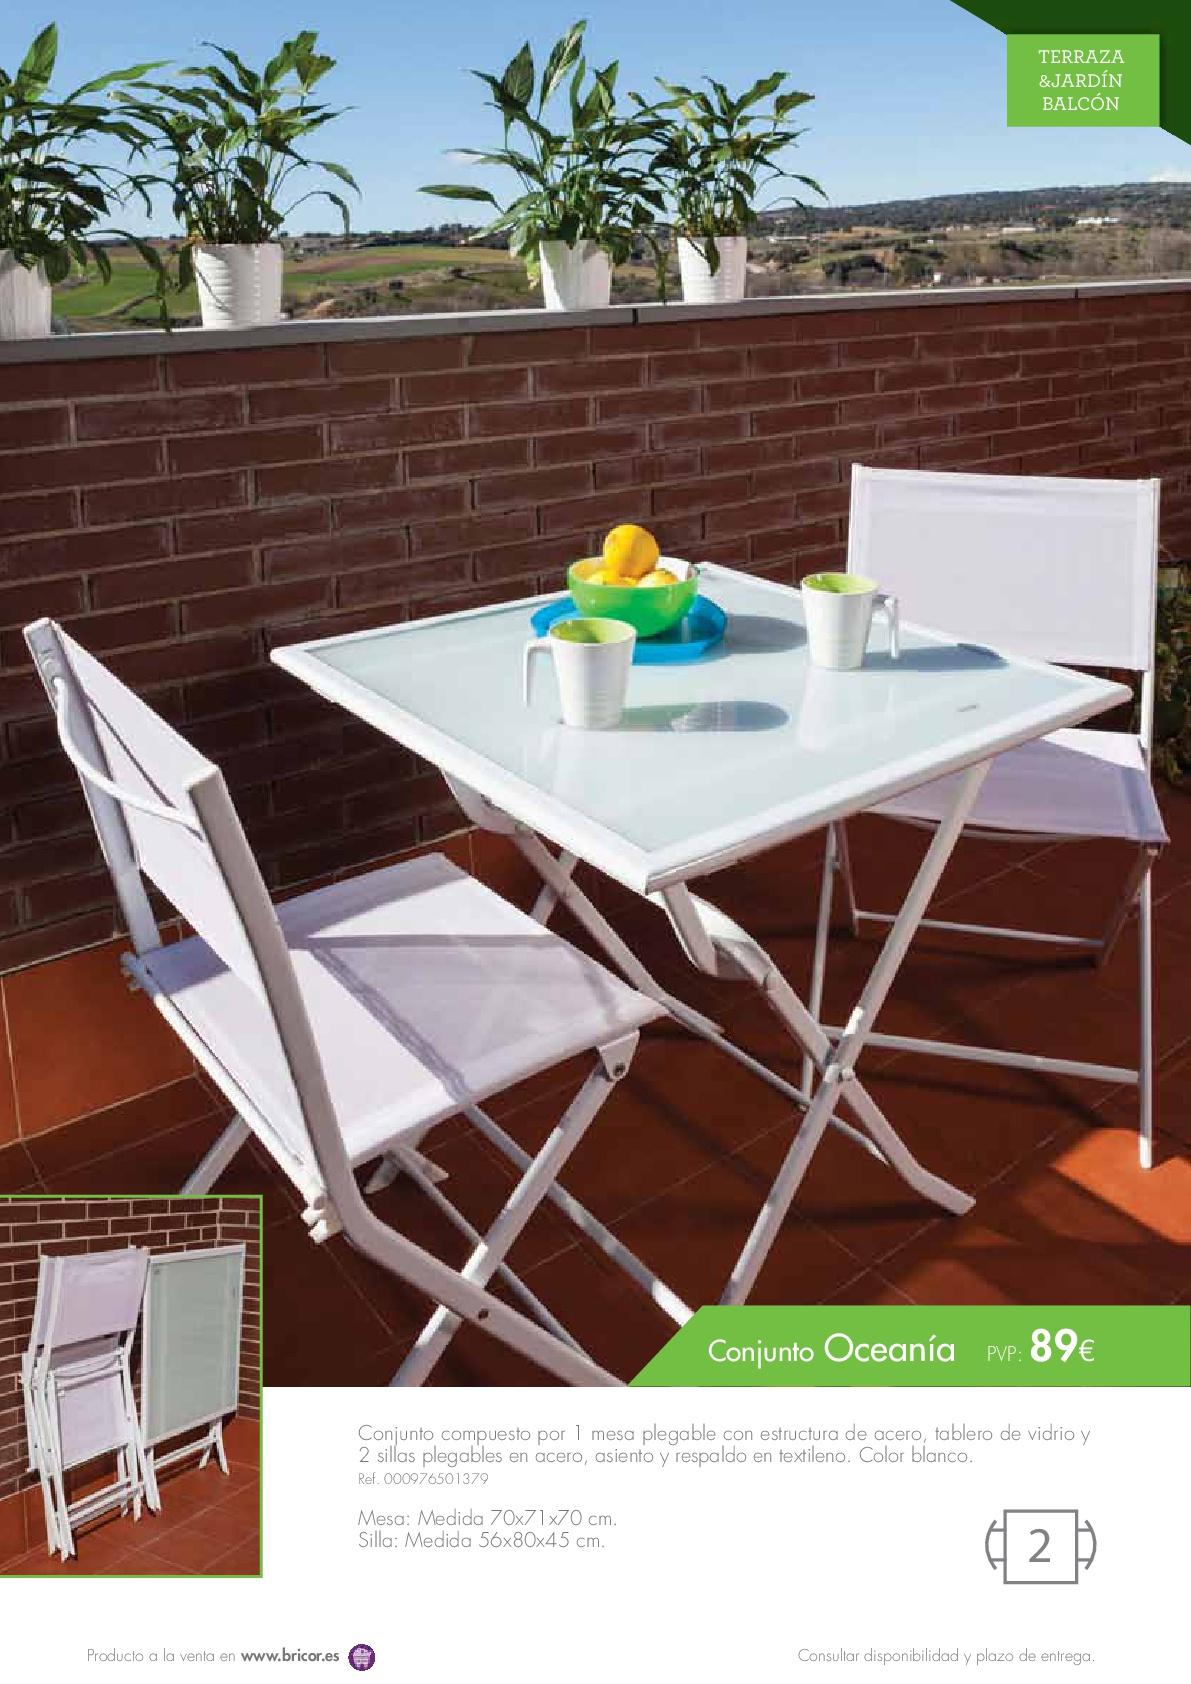 Revista Diseño Mobiliario Revista Muebles Mobiliario De Muebles Diseño Revista Muebles De w8vOnmN0